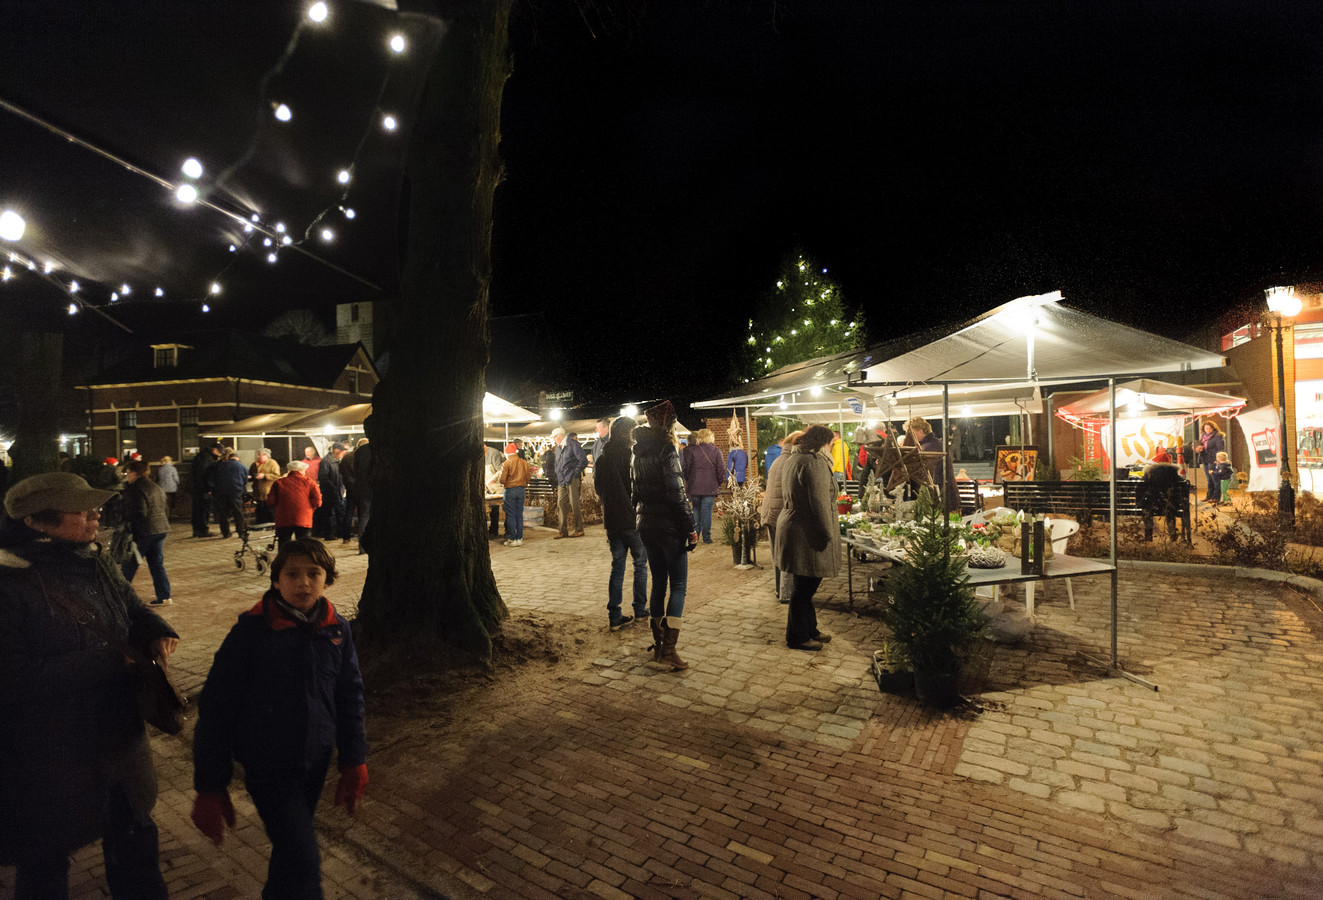 De kerstmarkt Oene op het dorpsplein.